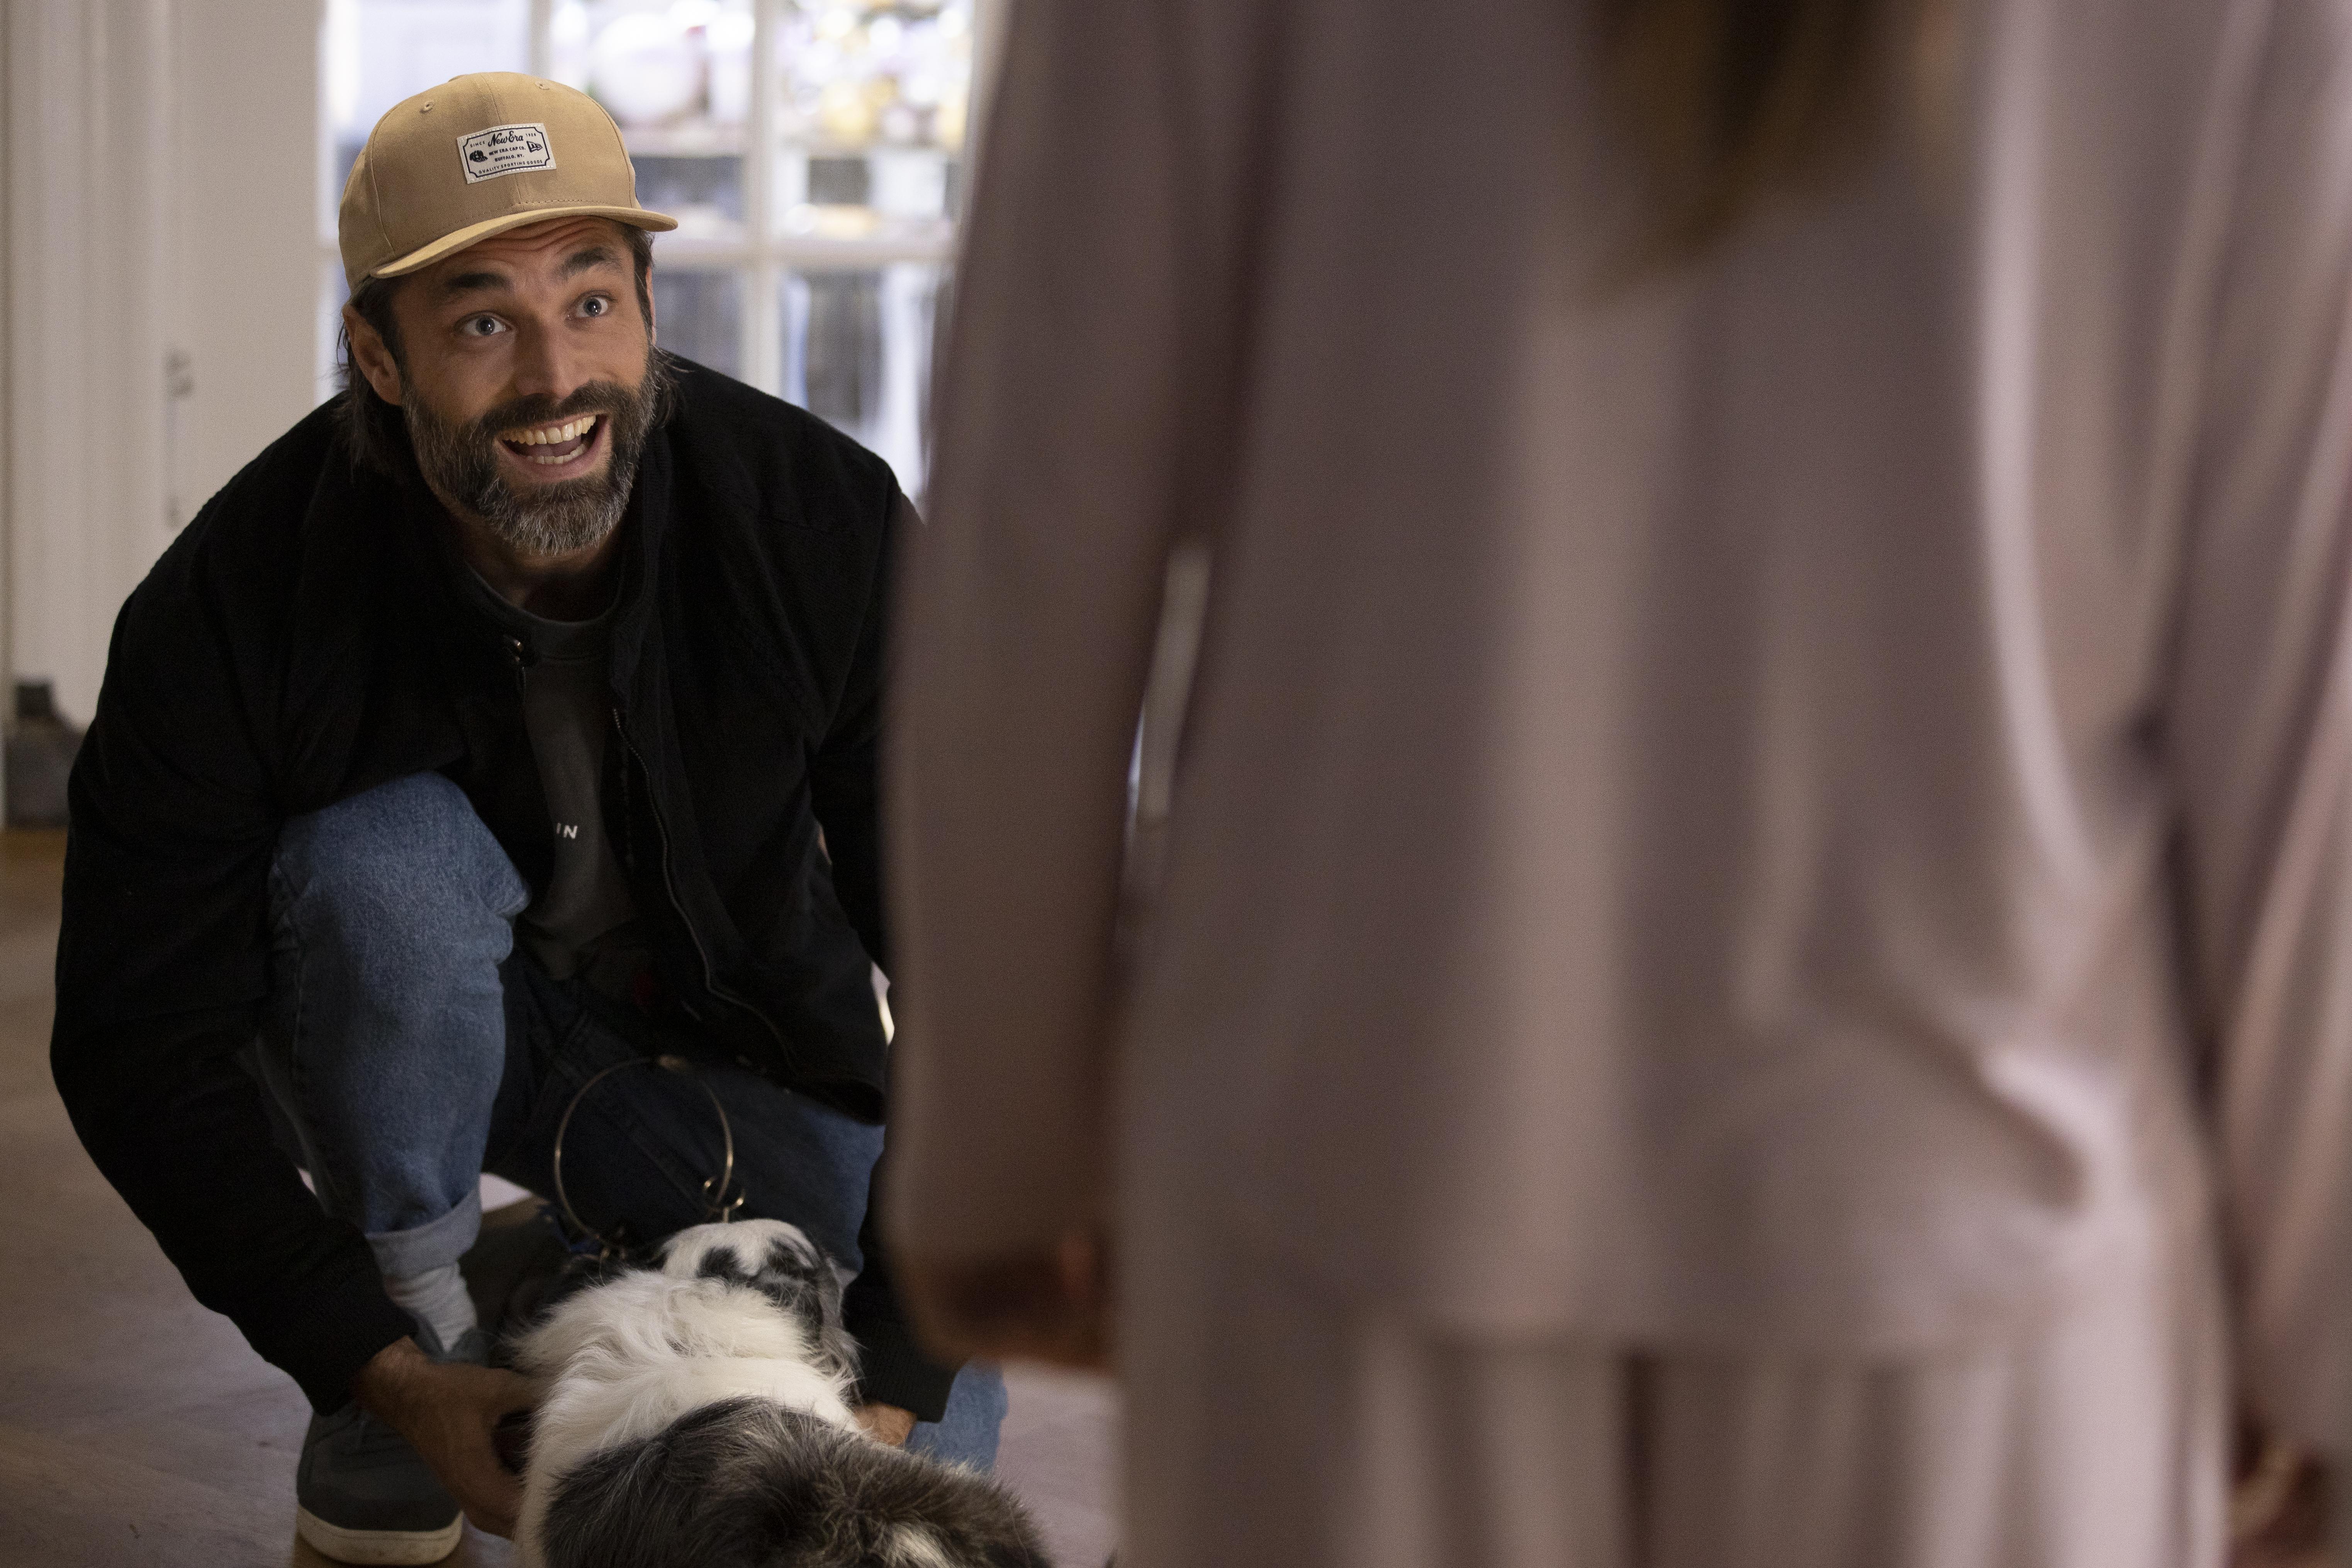 Een foto van Jan Kooijman met de hond uit de film